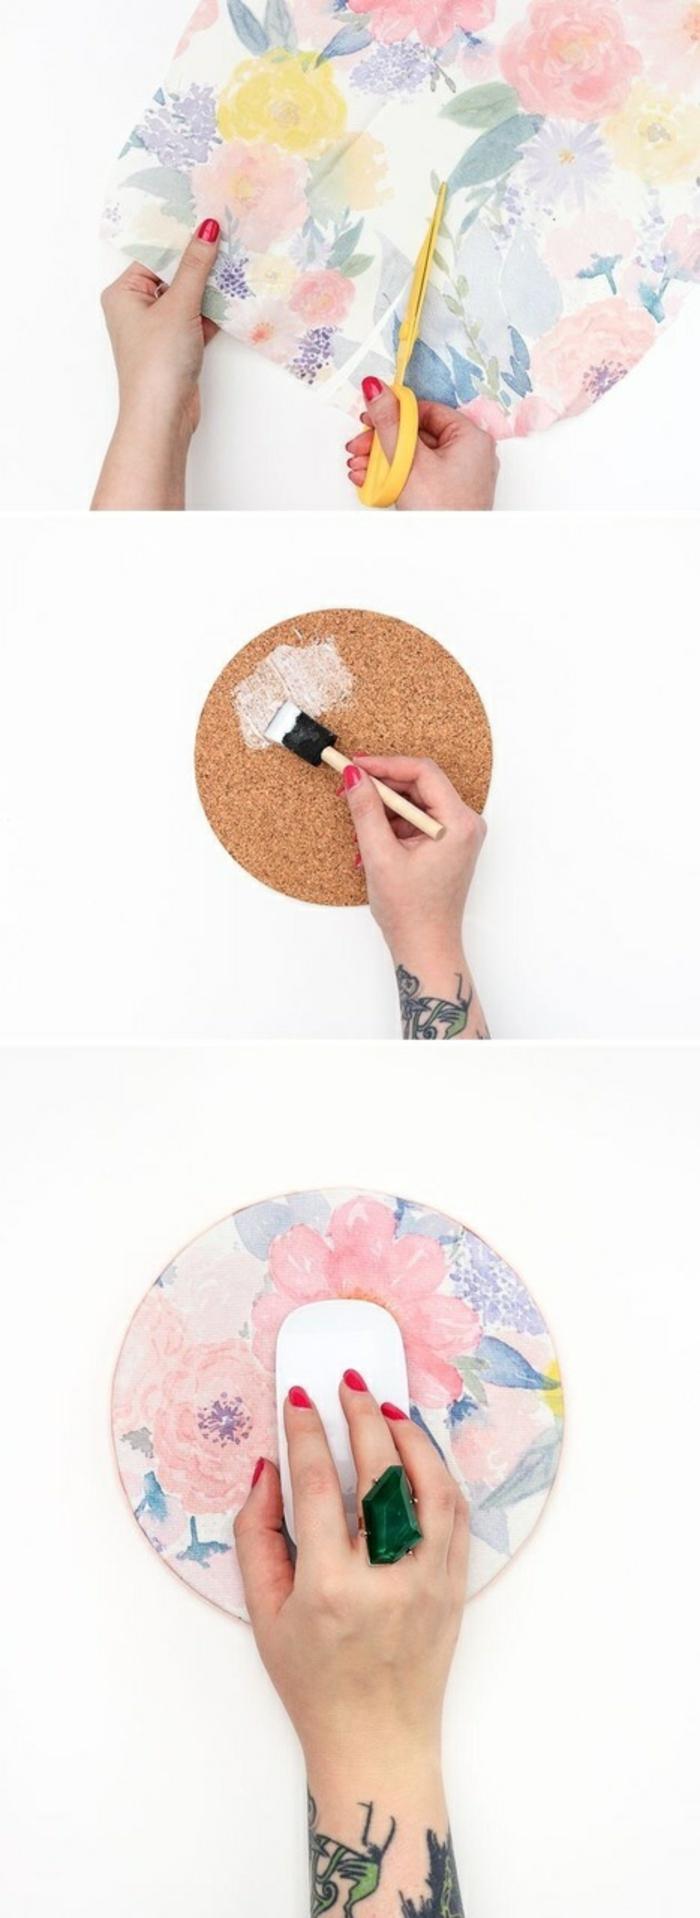 Base per mousse con un cerchio di sughero ricoperto con della carta adesiva colorata